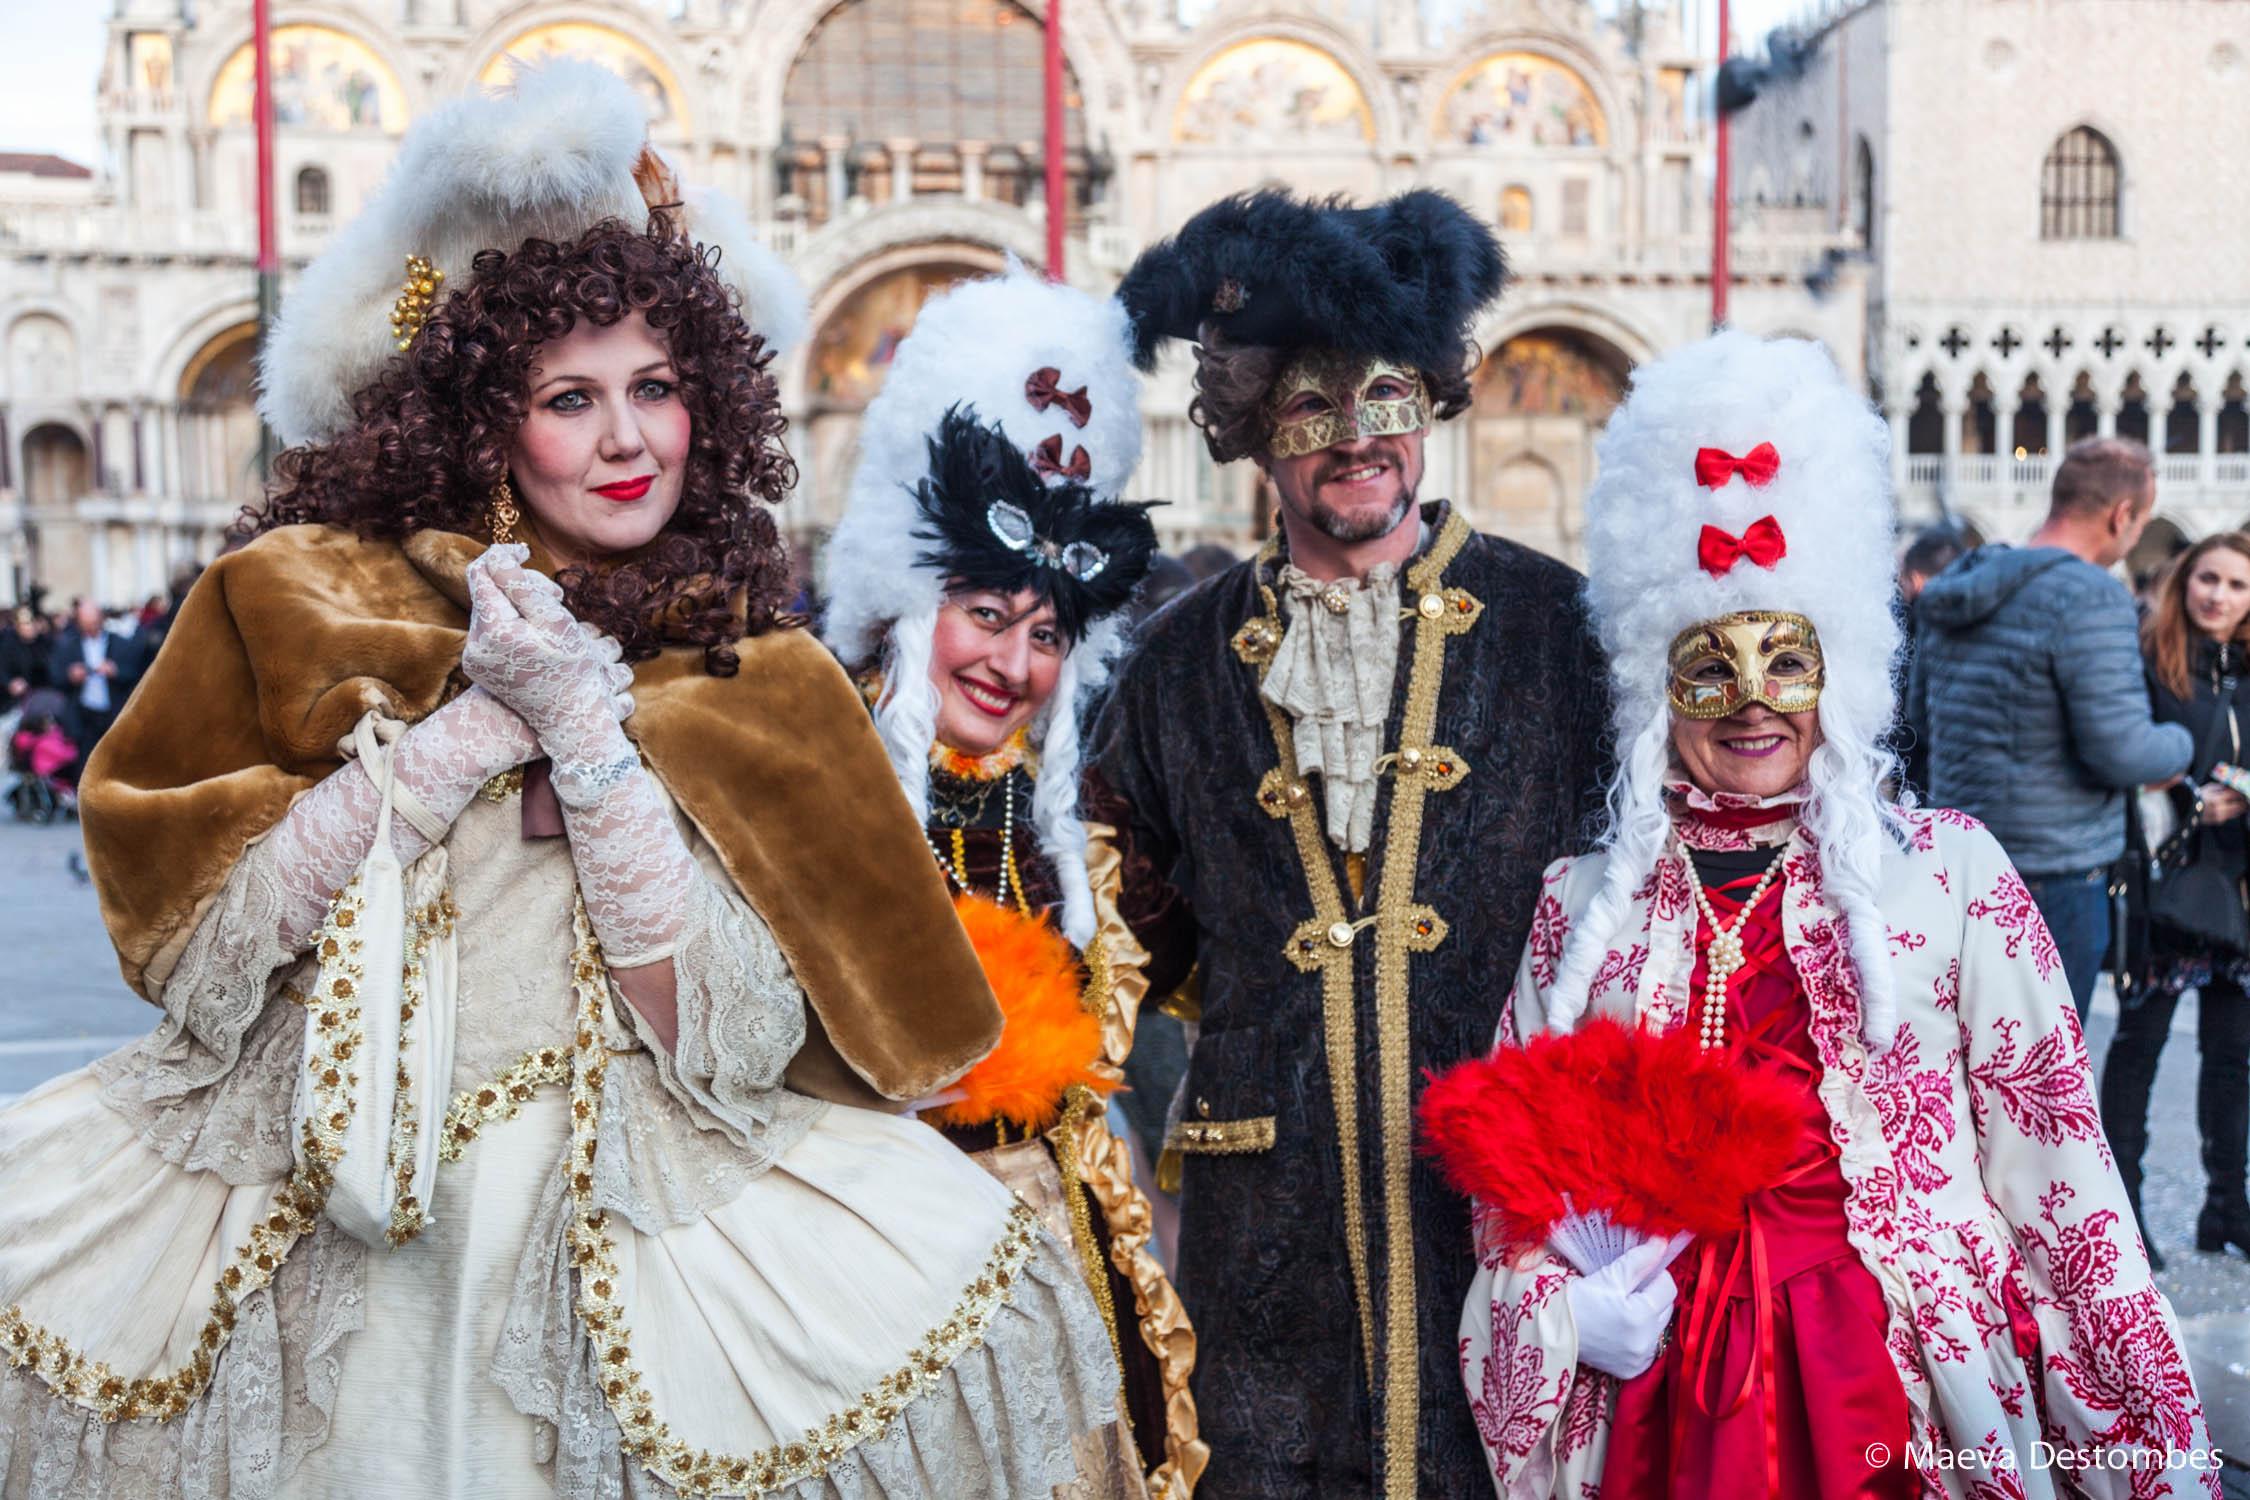 Quatre personnes habillées de costume d'époque lors du carnaval de Venise